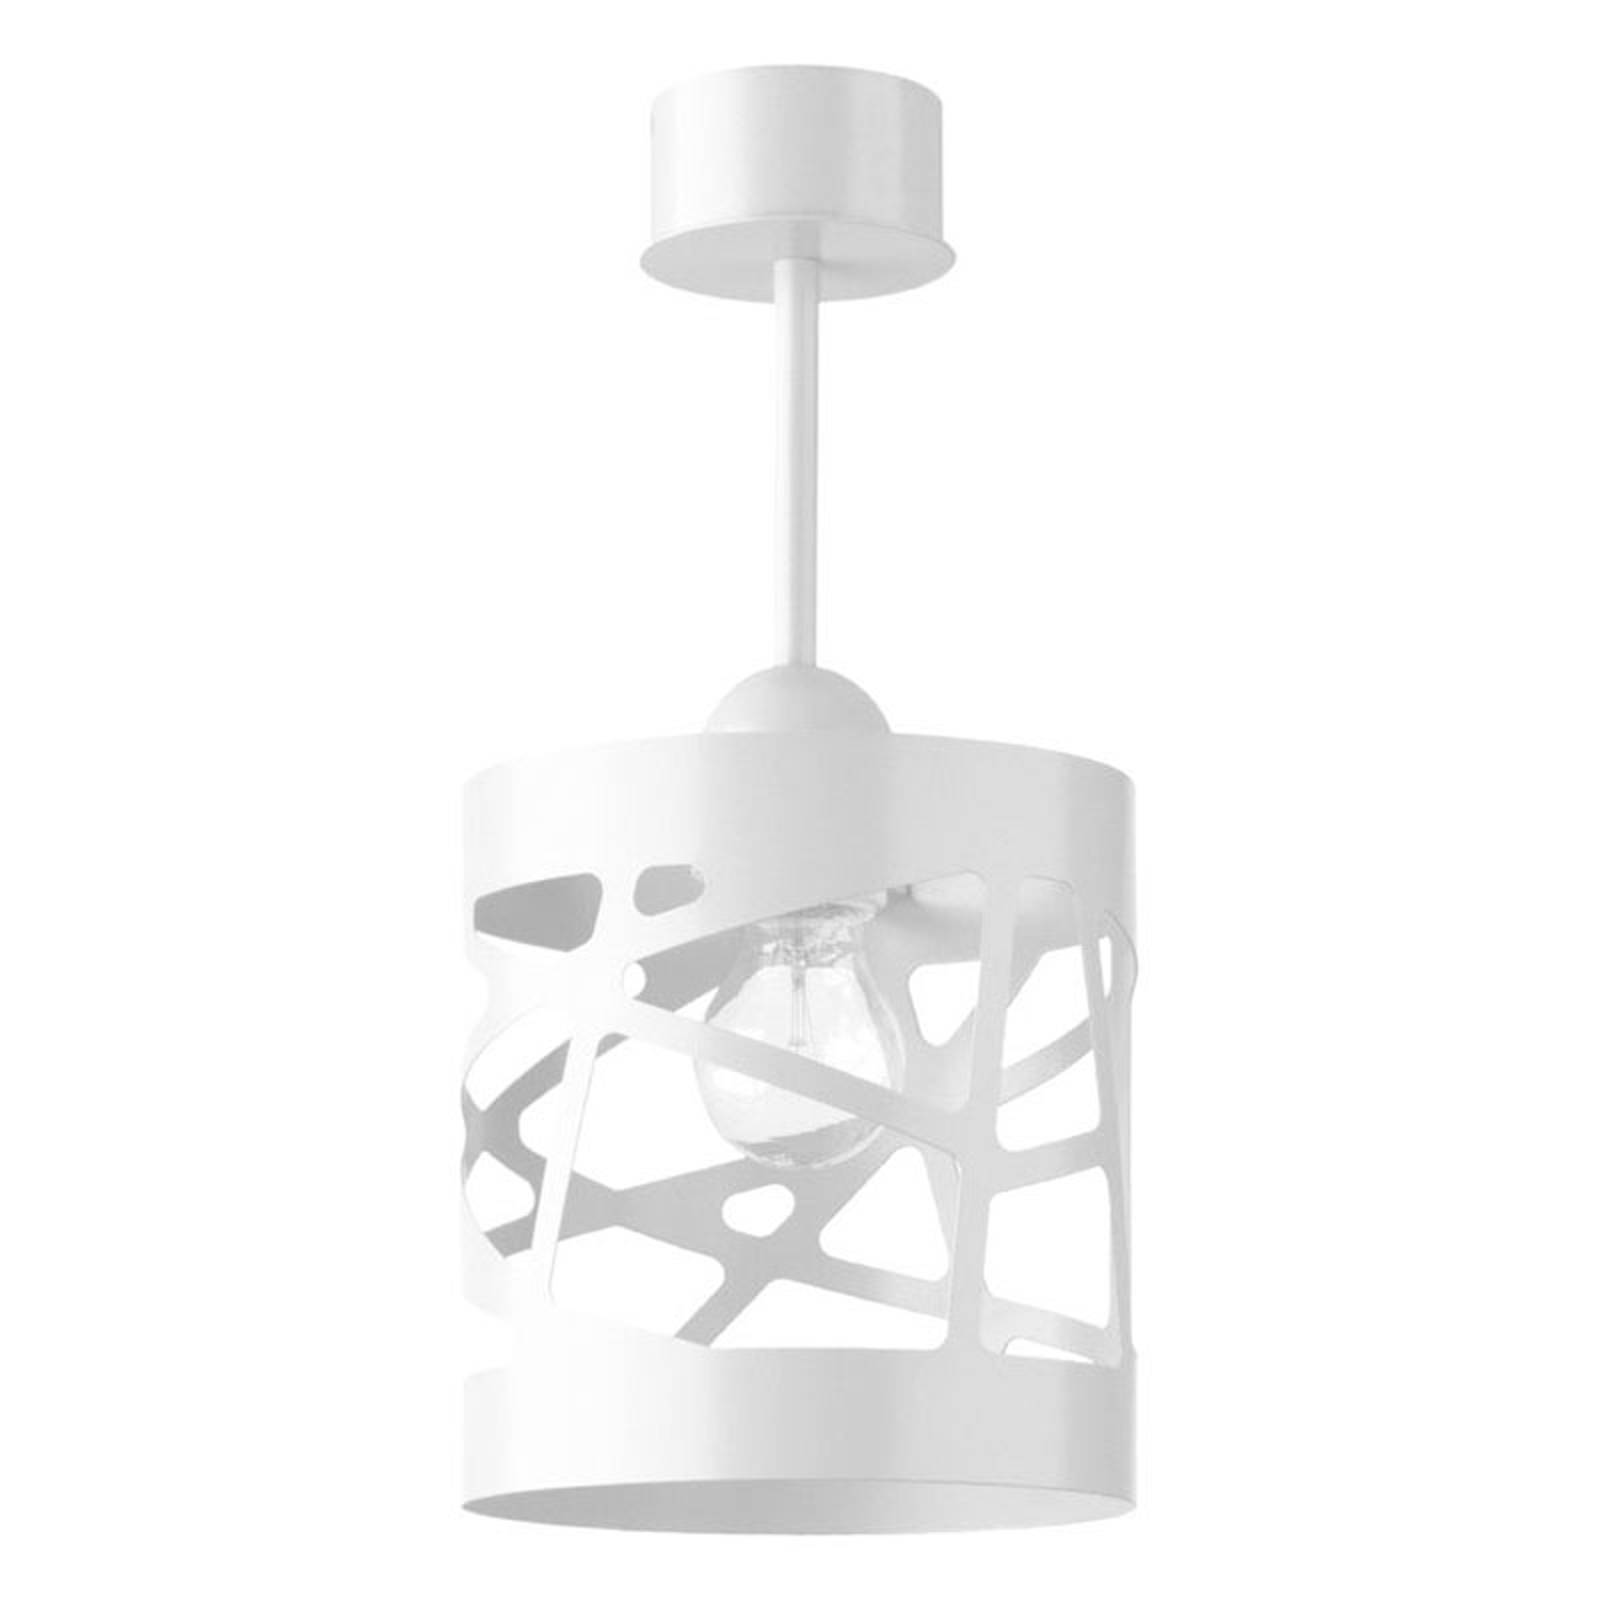 Deckenleuchte Modul Frez Ø 17,5 cm, weiß